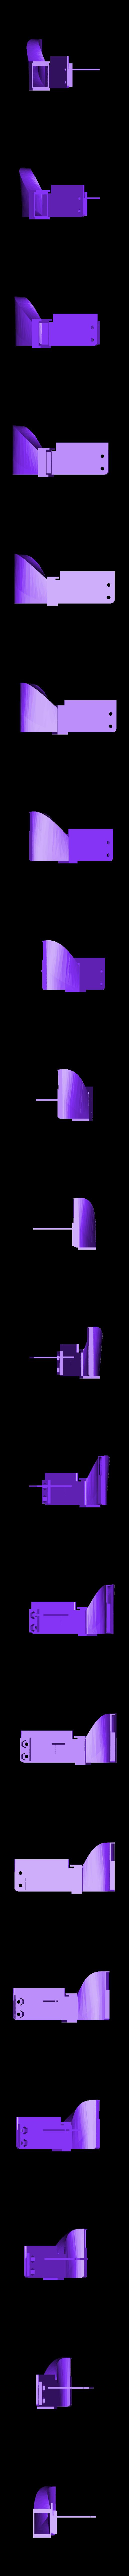 tg-ventilateur.stl Télécharger fichier STL gratuit Geeetech Prusa i3 Pro B - Kit de migration E3Dv6 • Design pour impression 3D, abojpc